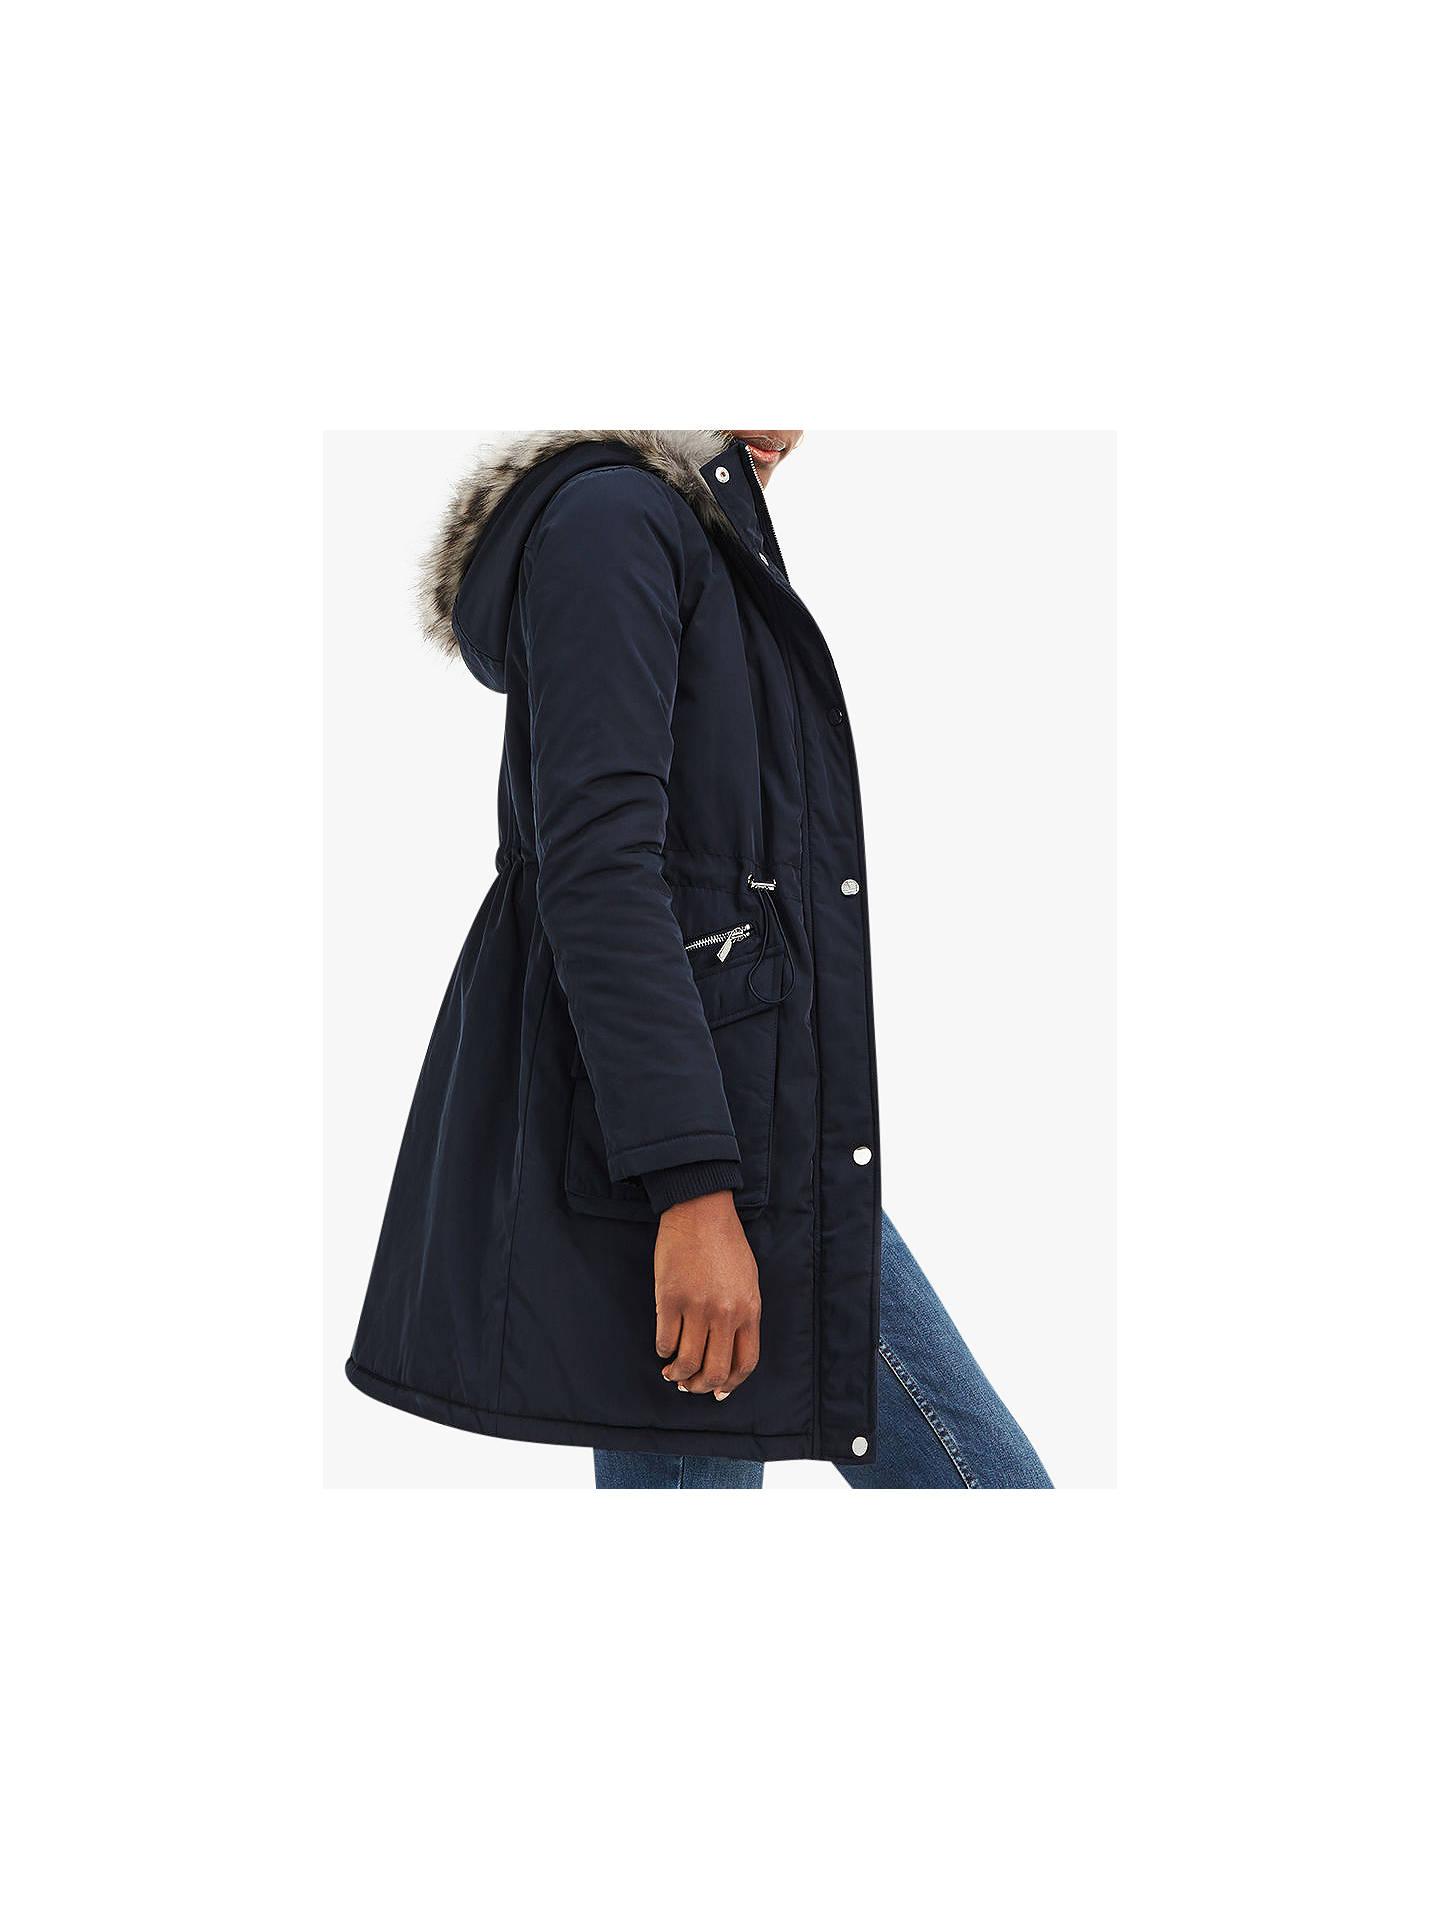 7f4b5c17d8d7 Buy Oasis Cromer Parka Coat, Navy, S Online at johnlewis.com ...